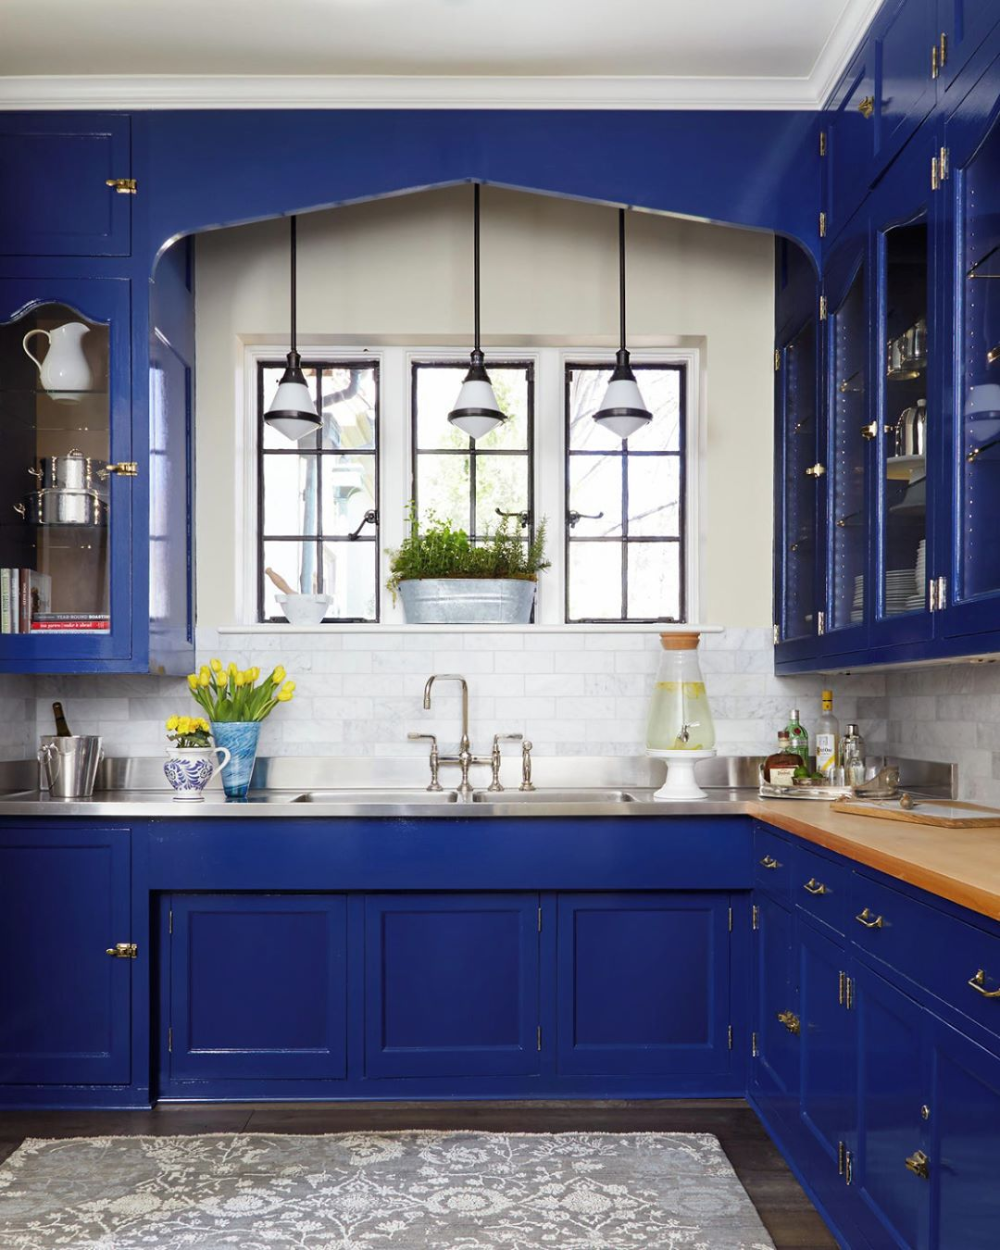 Instagram In 2020 Blue Kitchen Cabinets Blue Kitchens Kitchen Design